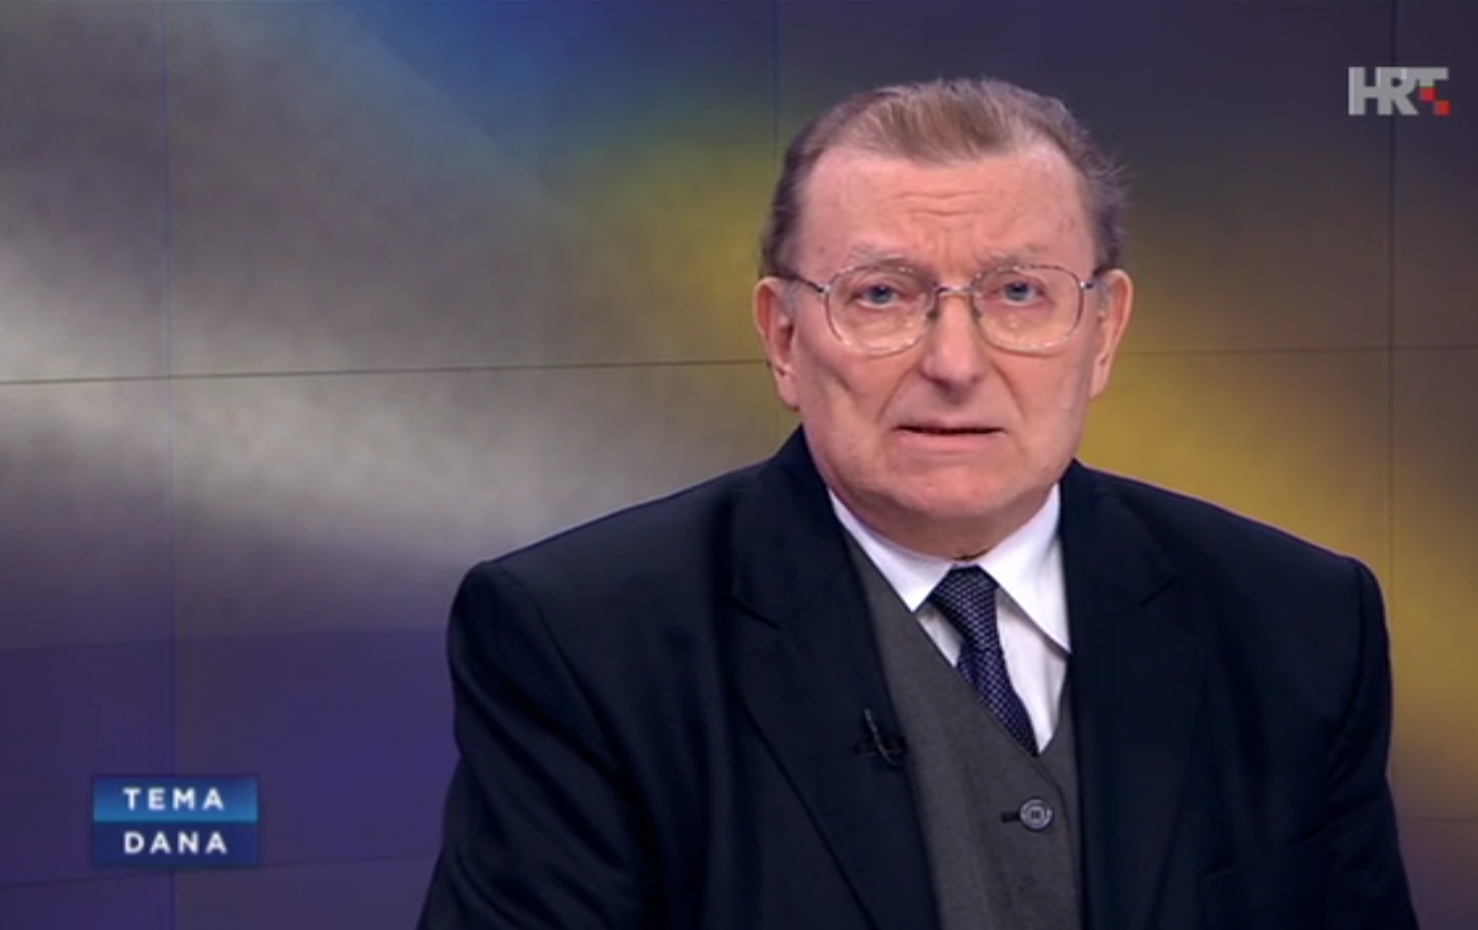 Đ. Vidmarović: Inkulturacija muslimanskih egzilanata u europskim zemljama - zapreke i mogućnosti (1)